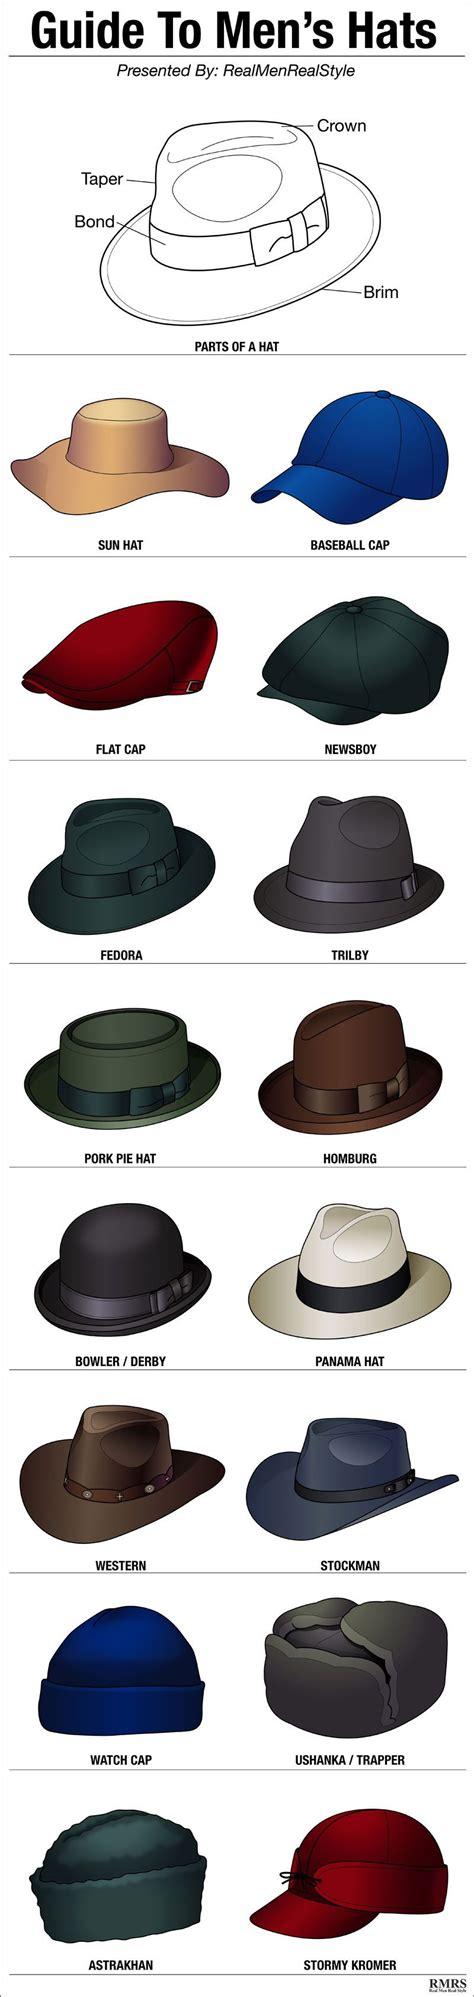 types of hats 16 stylish men s hats hat style guide man s headwear